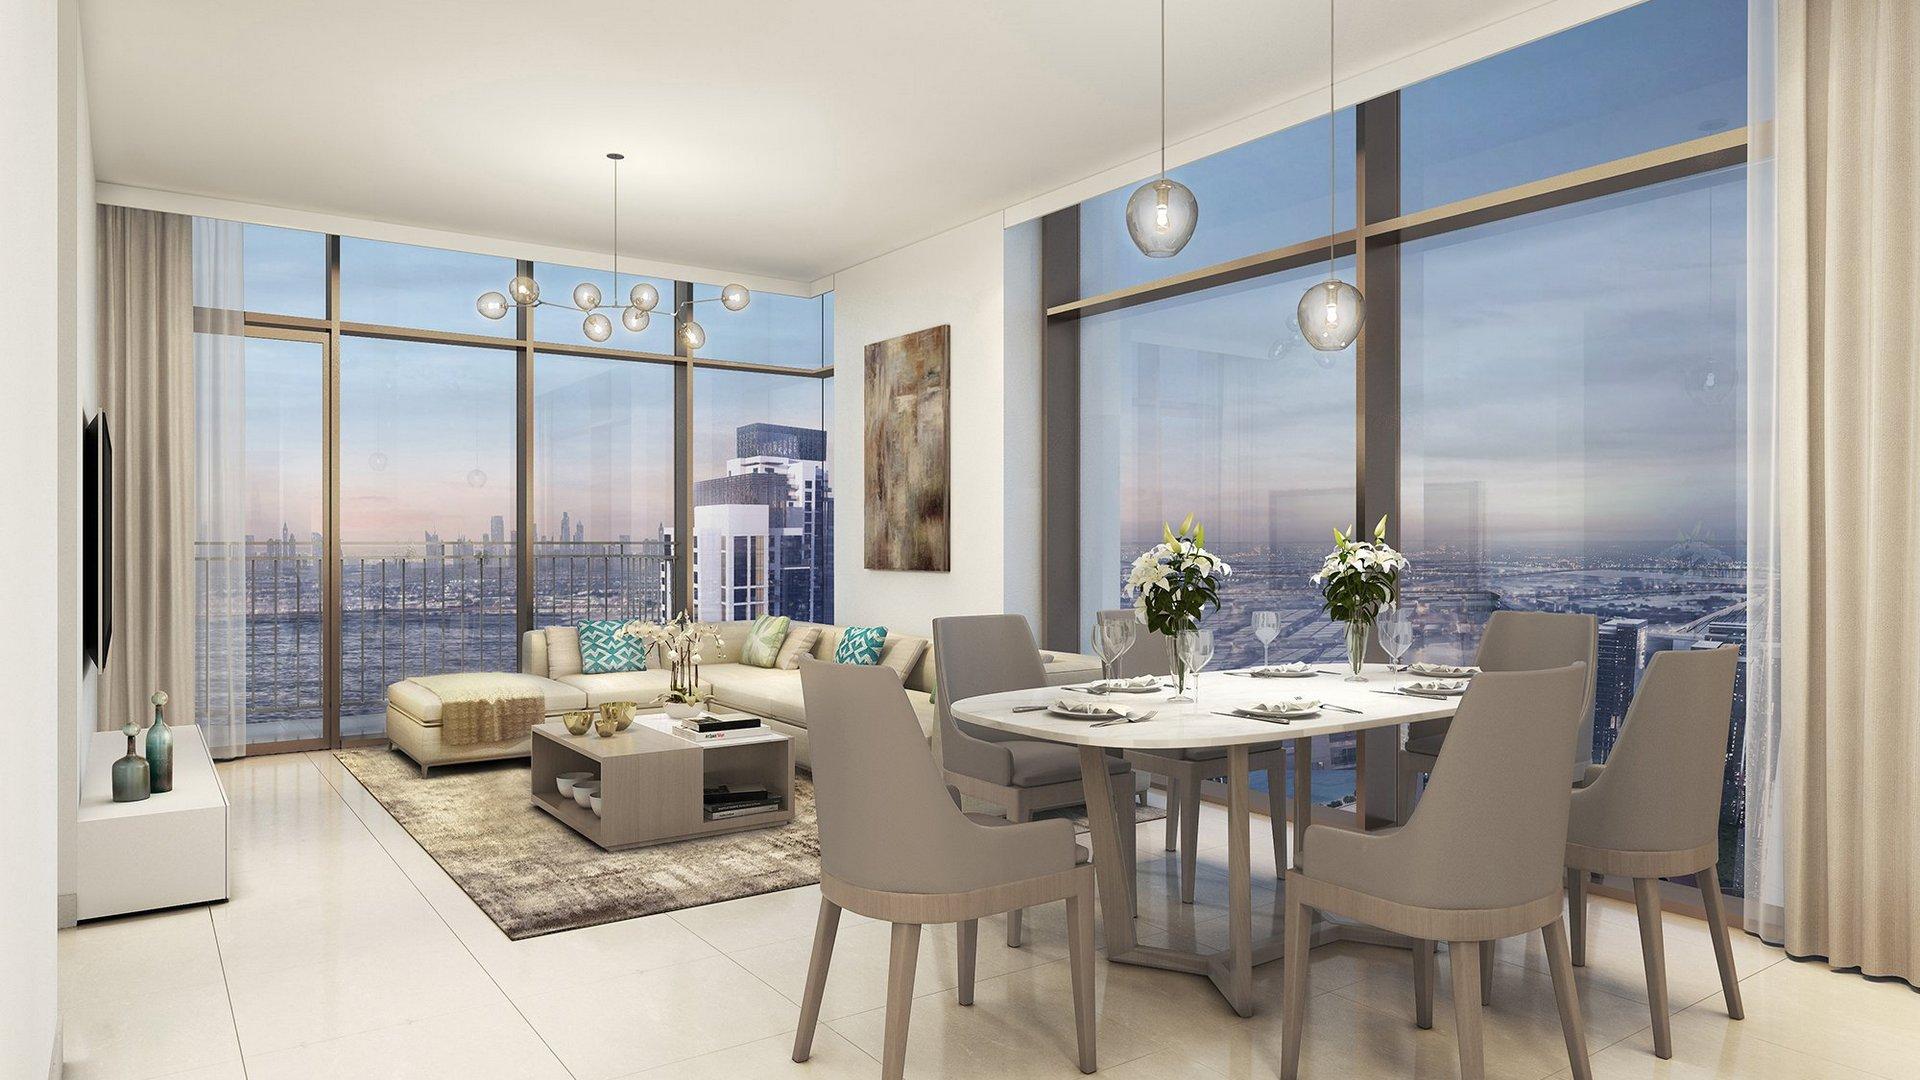 Apartamento en venta en Dubai, EAU, 3 dormitorios, 152 m2, № 24108 – foto 1